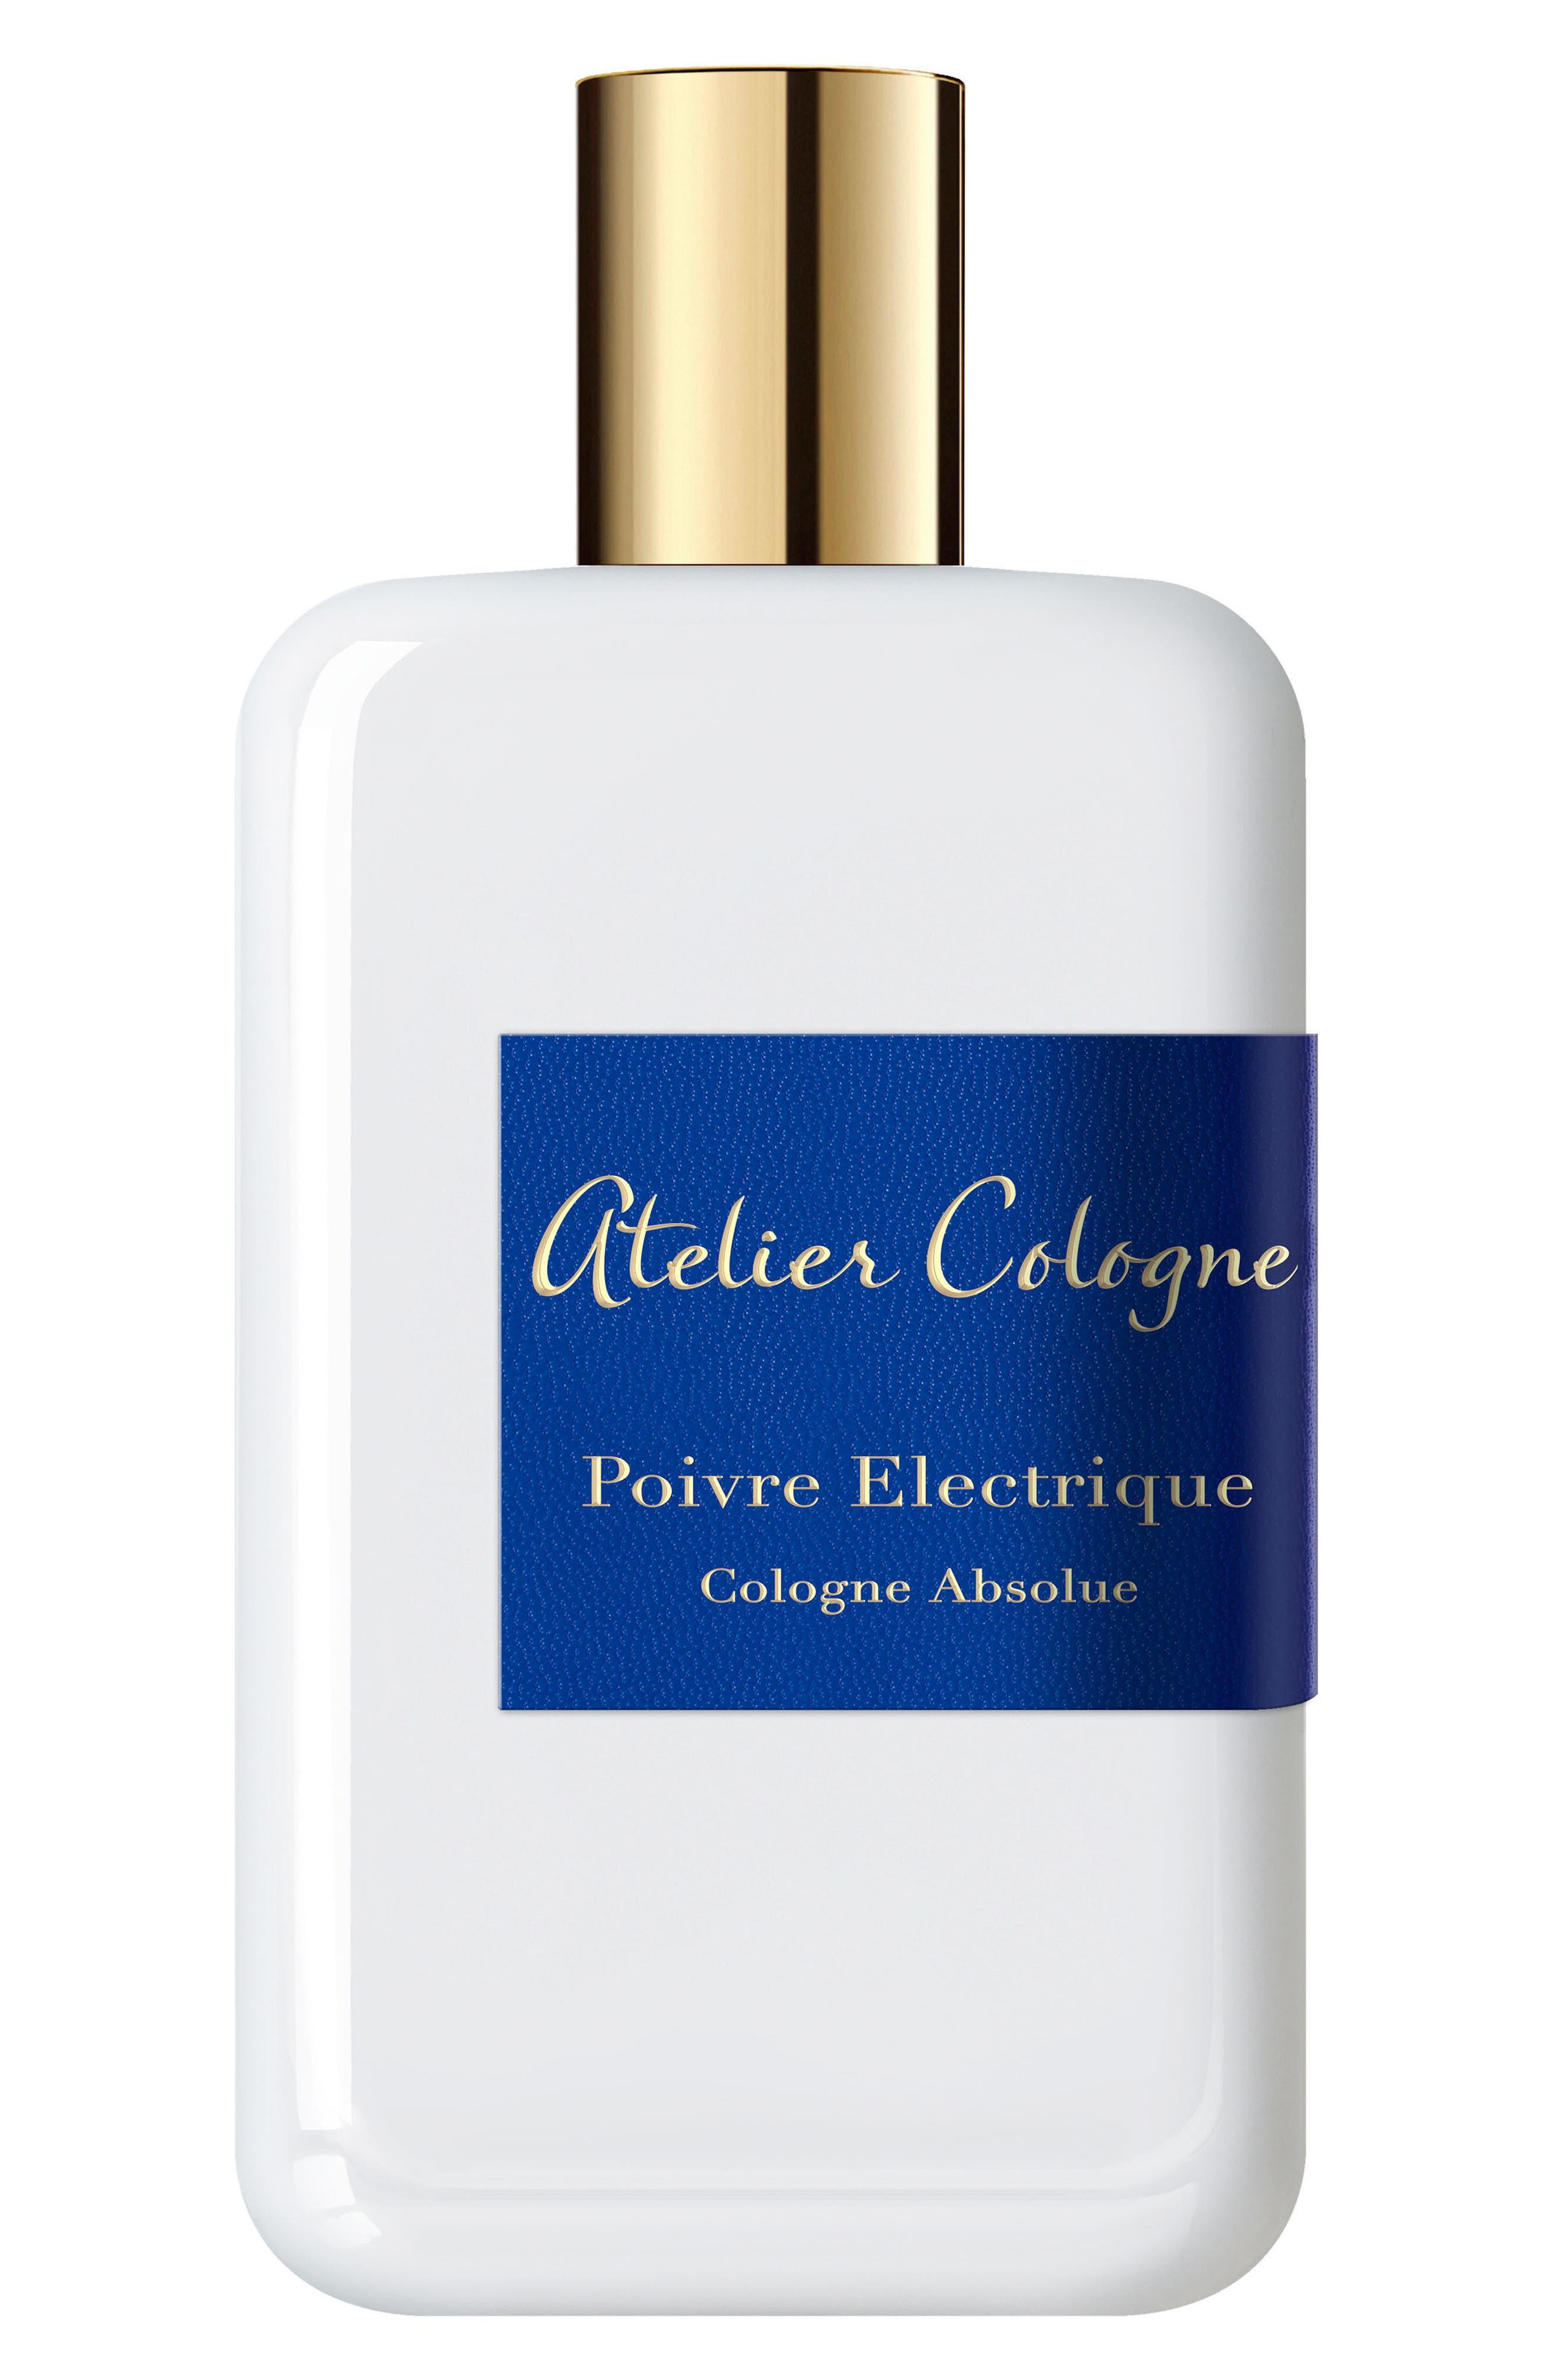 Poivre Electrique Cologne Absolue,                             Main thumbnail 1, color,                             No Color